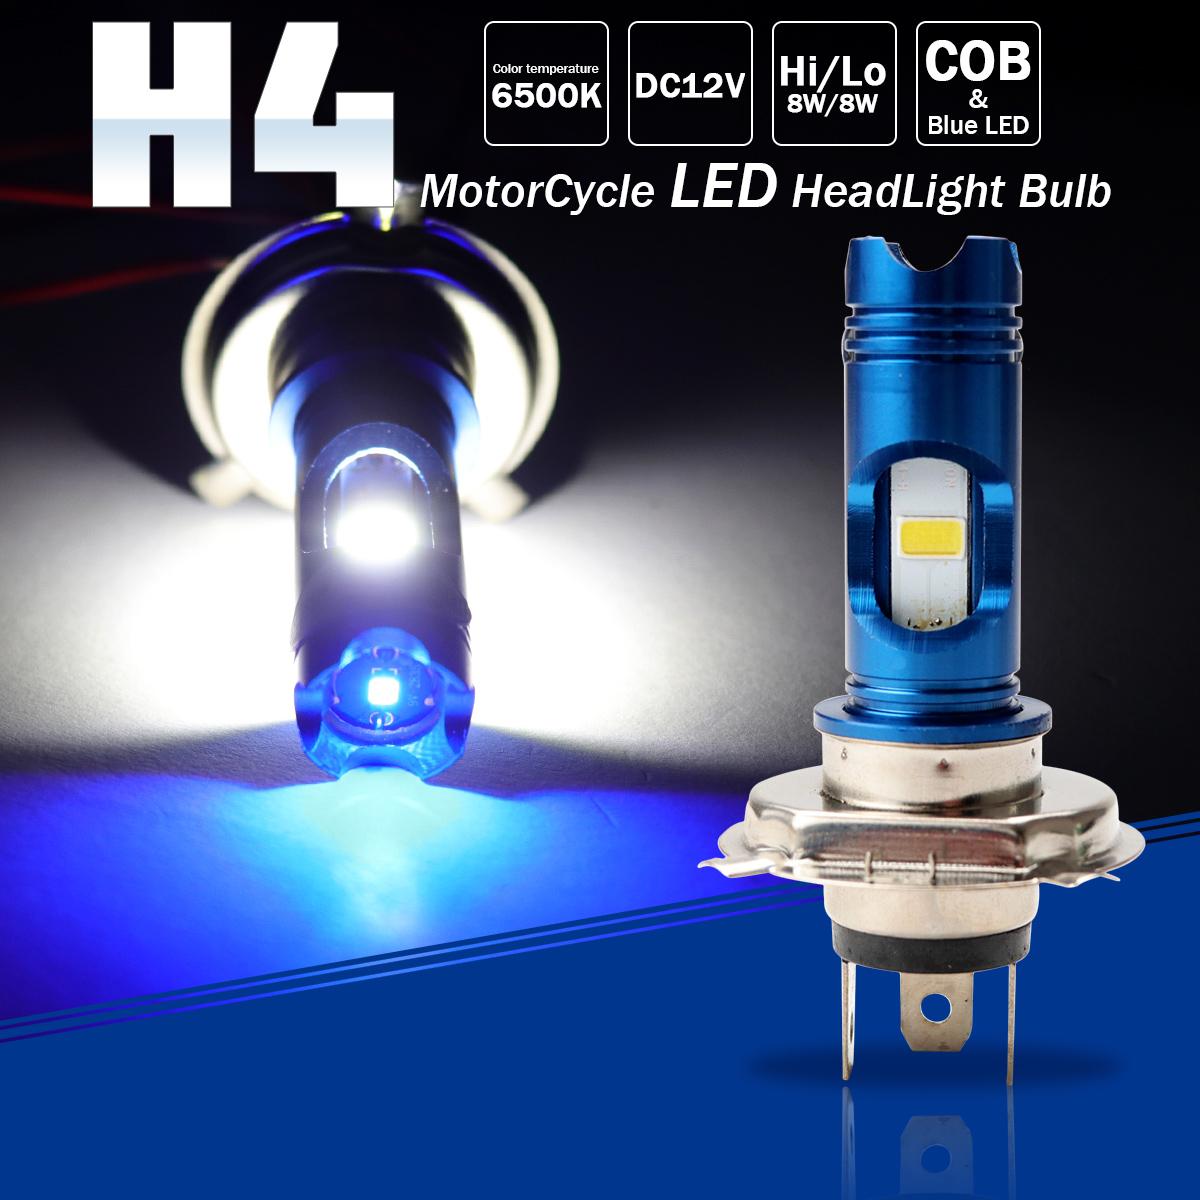 バイク用 COB LED ヘッドライト H4 Hi Lo ホワイト発光 6500K 12V ブルーポジション搭載 LEDバルブ H-56